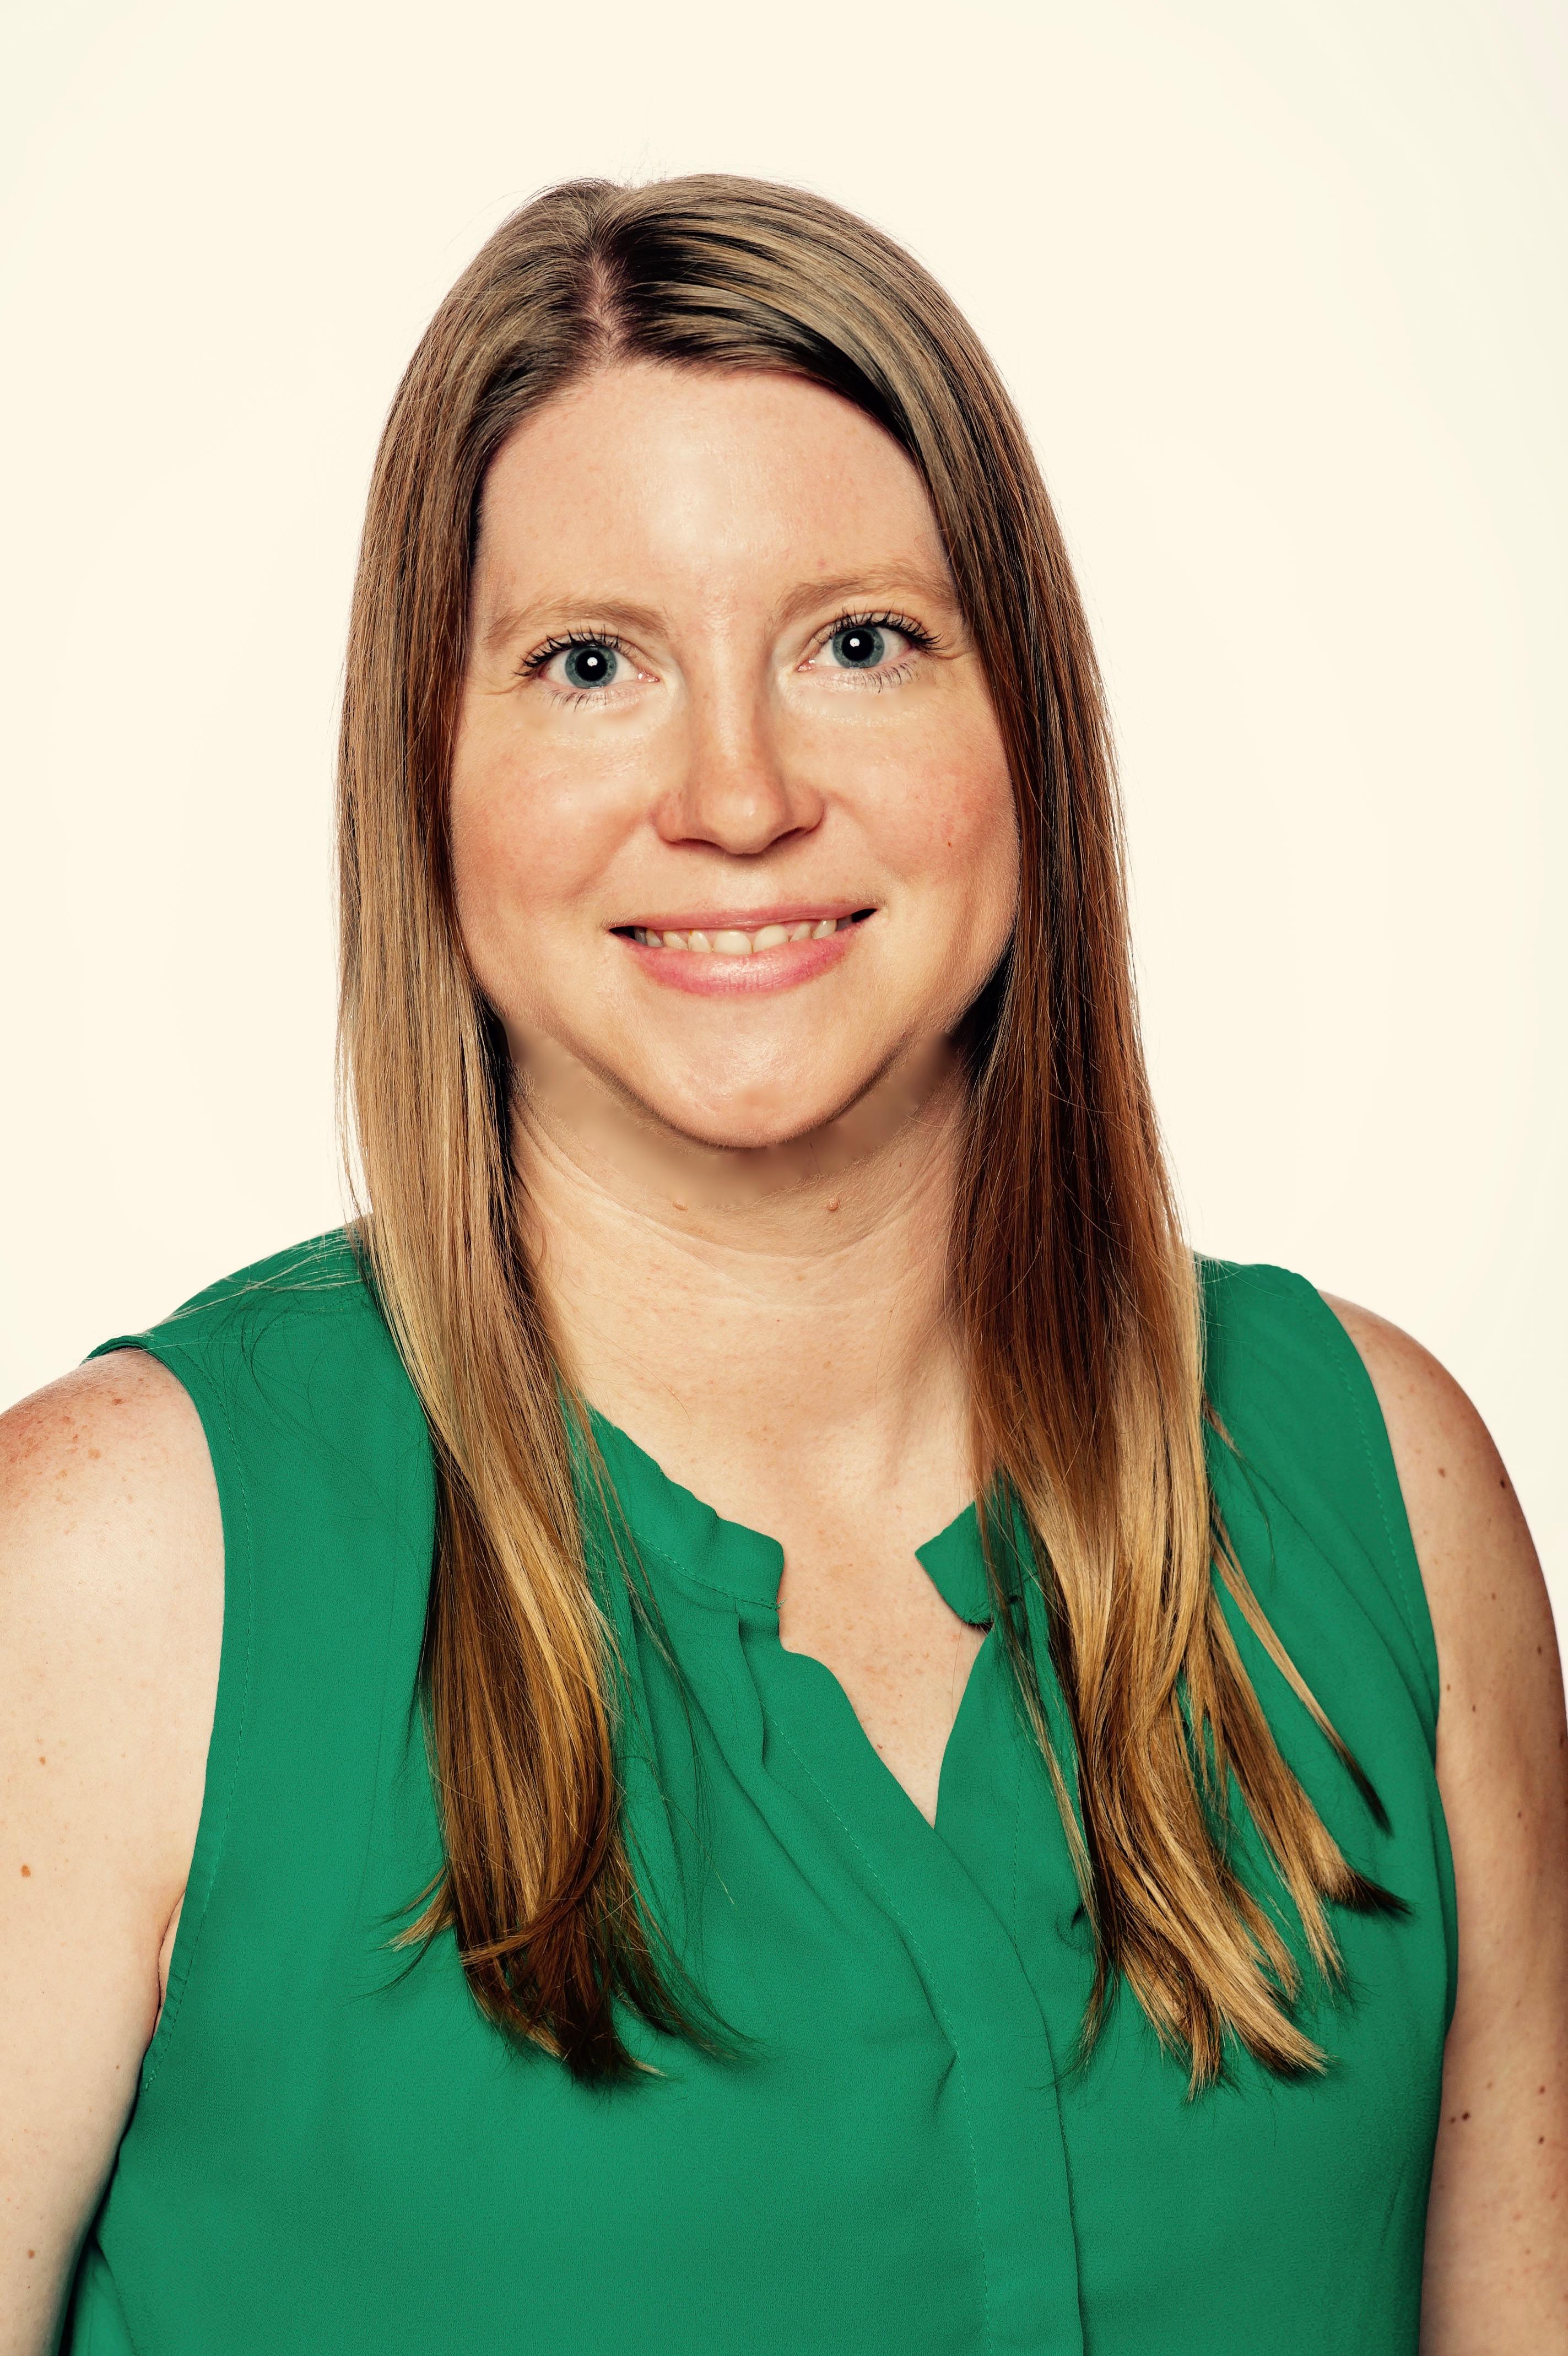 Christie Lenox